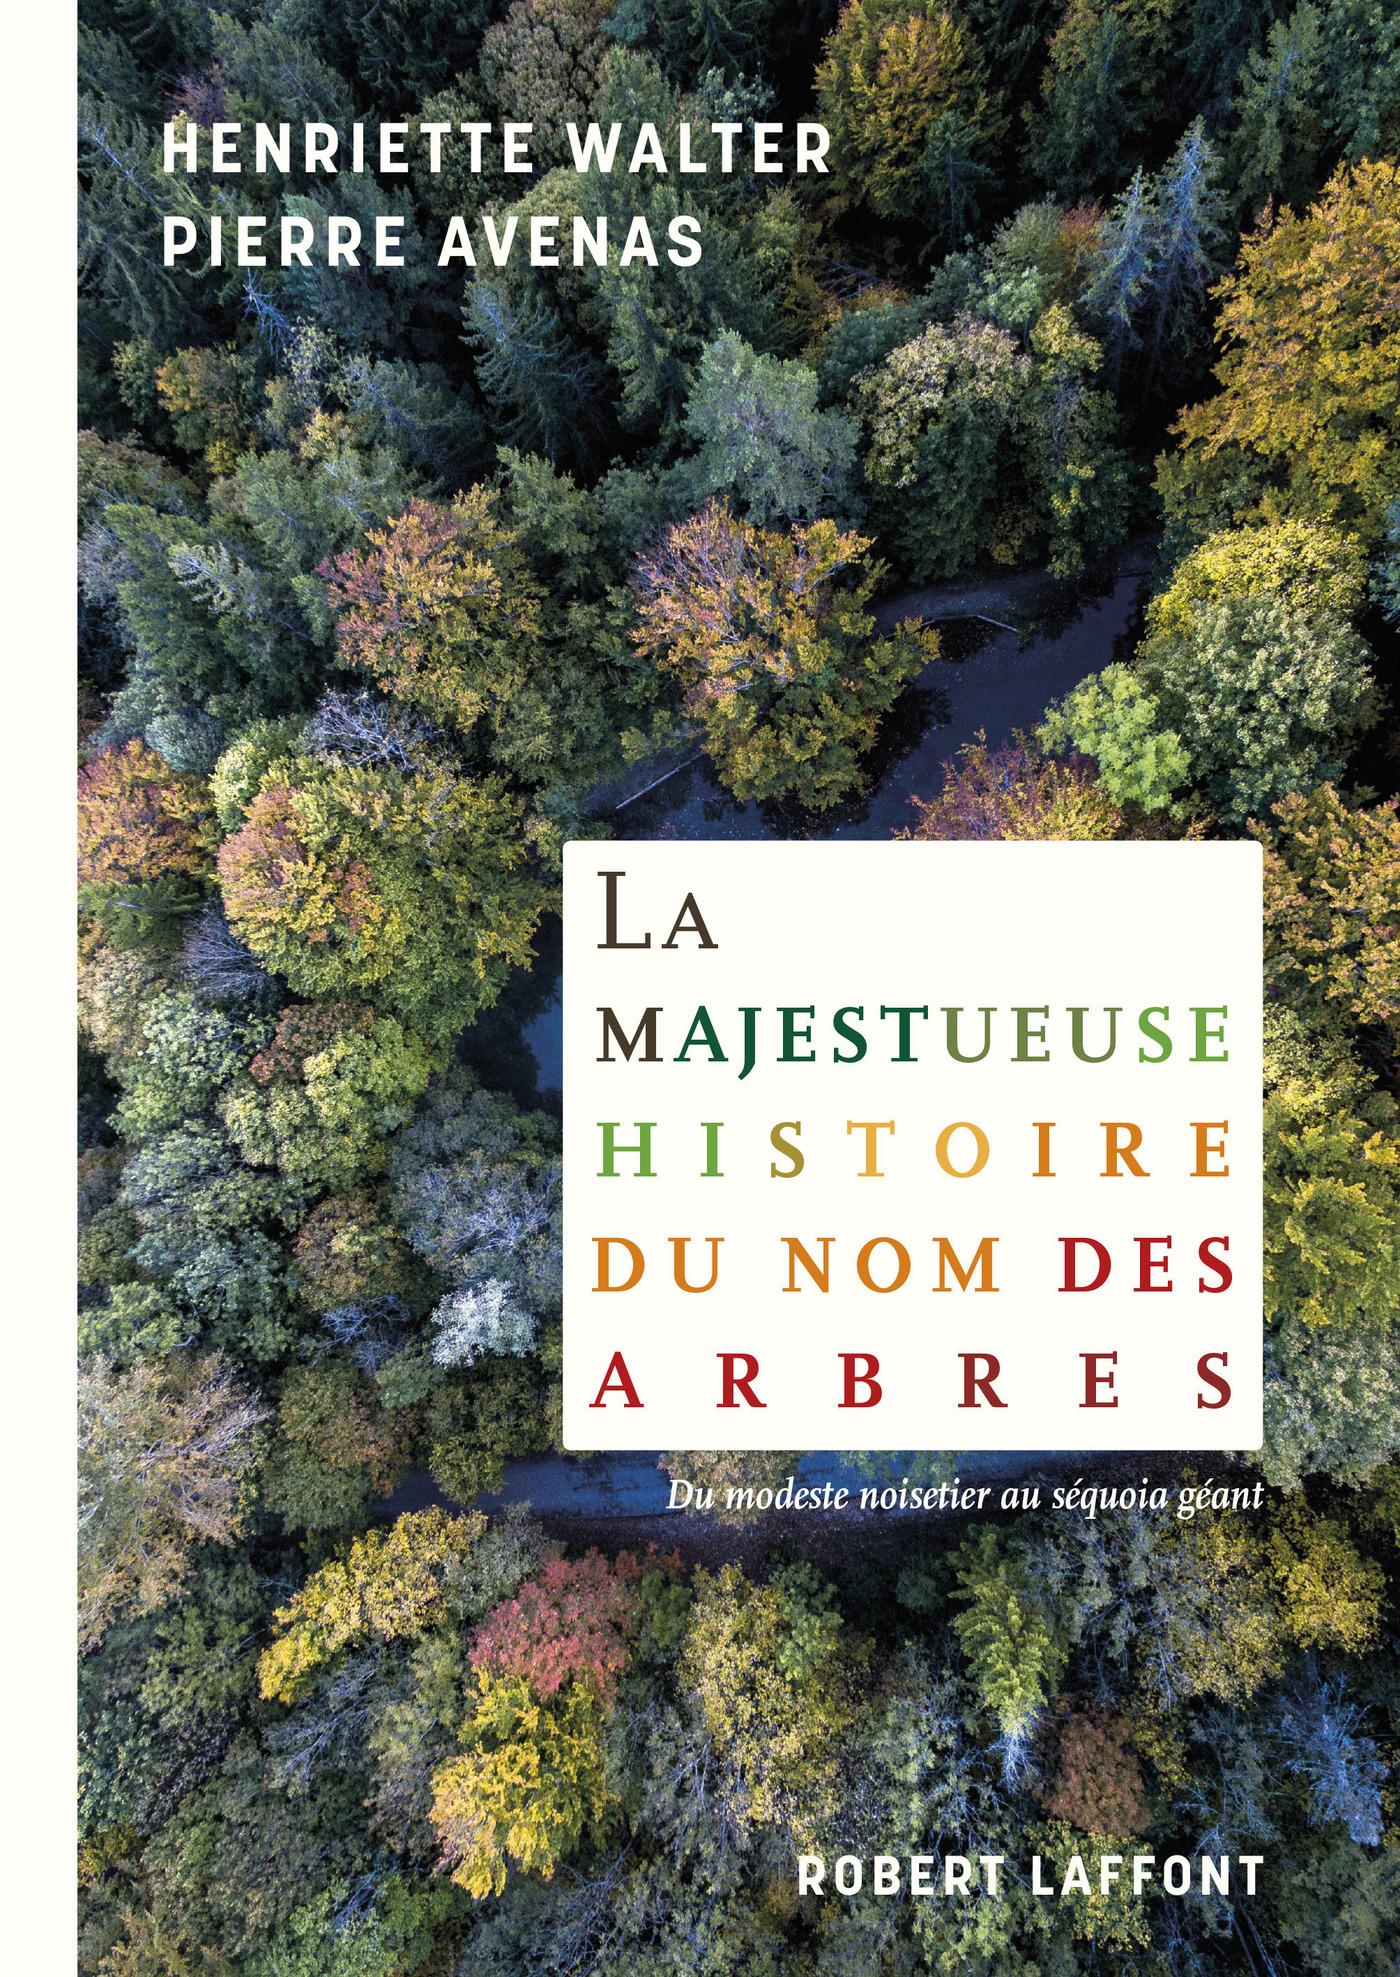 La Majestueuse histoire du nom des arbres